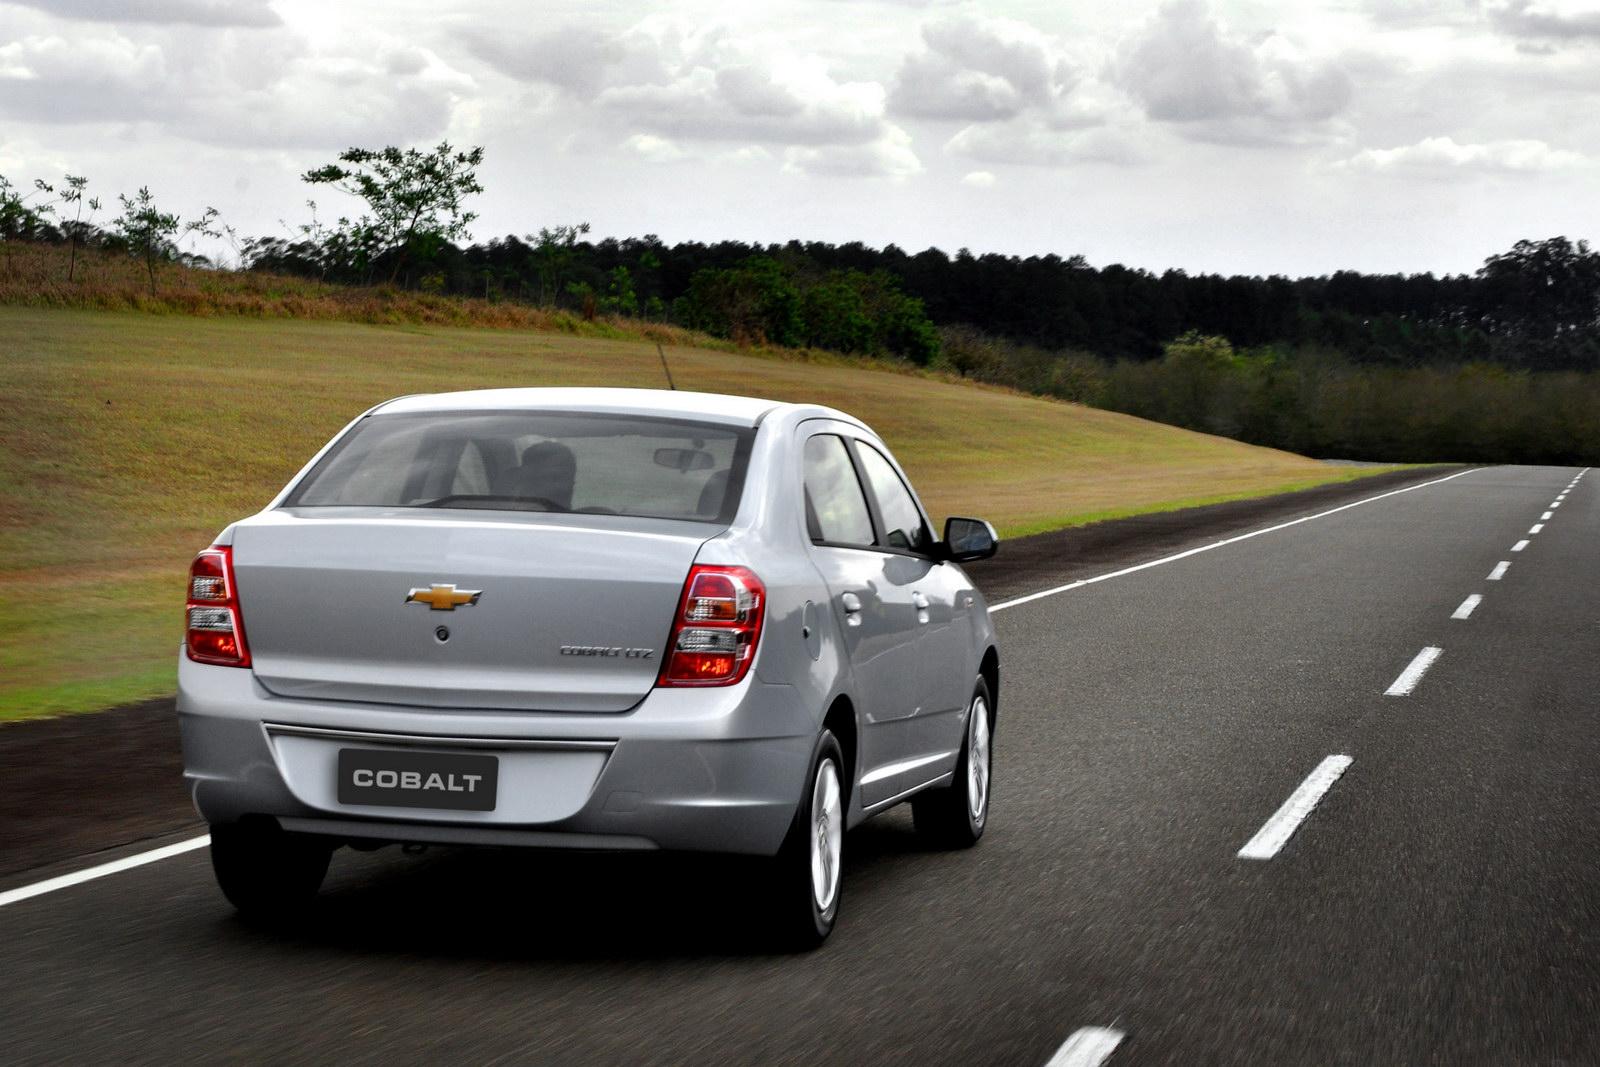 Chevrolet Cobalt 2013: Tiene como competidores al Volkswagen Voyage